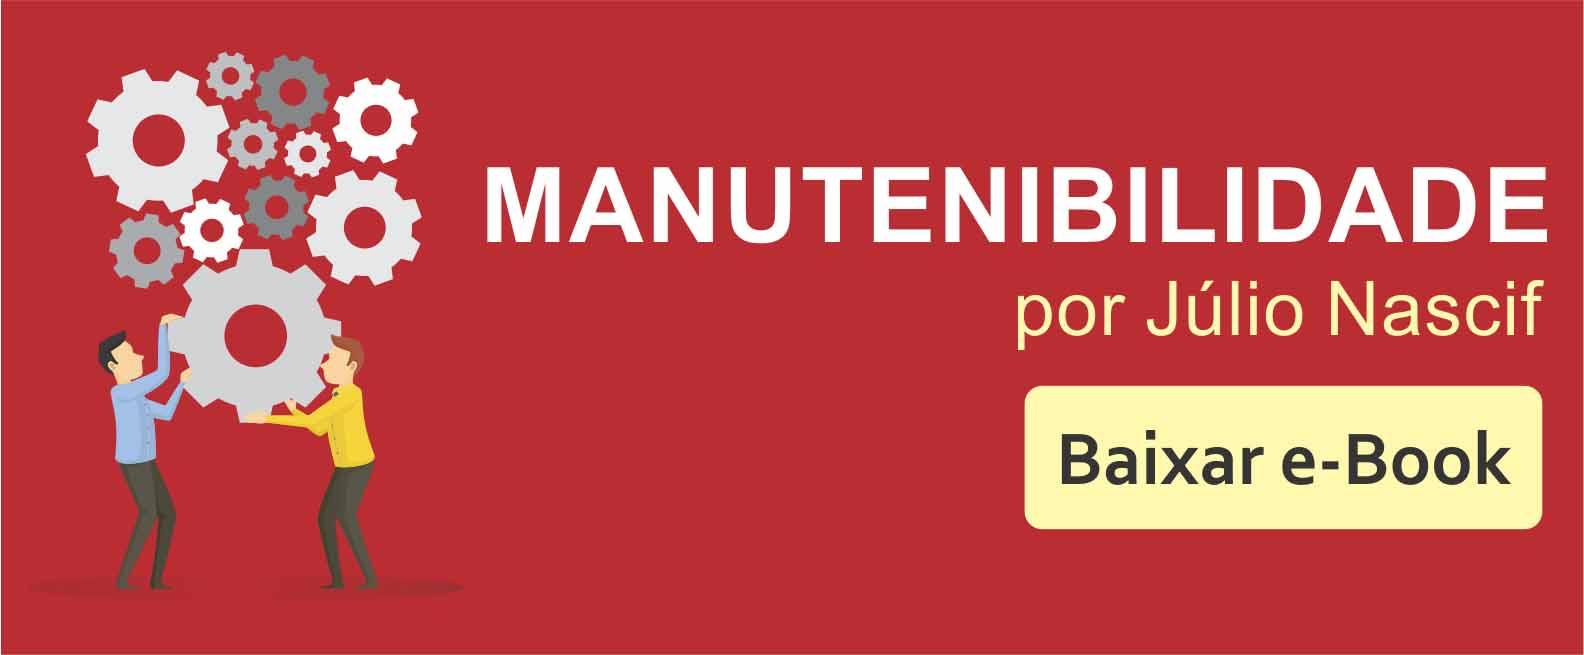 cta manutenibilidade - Gestão de custos: saiba como fazer e a sua importância!